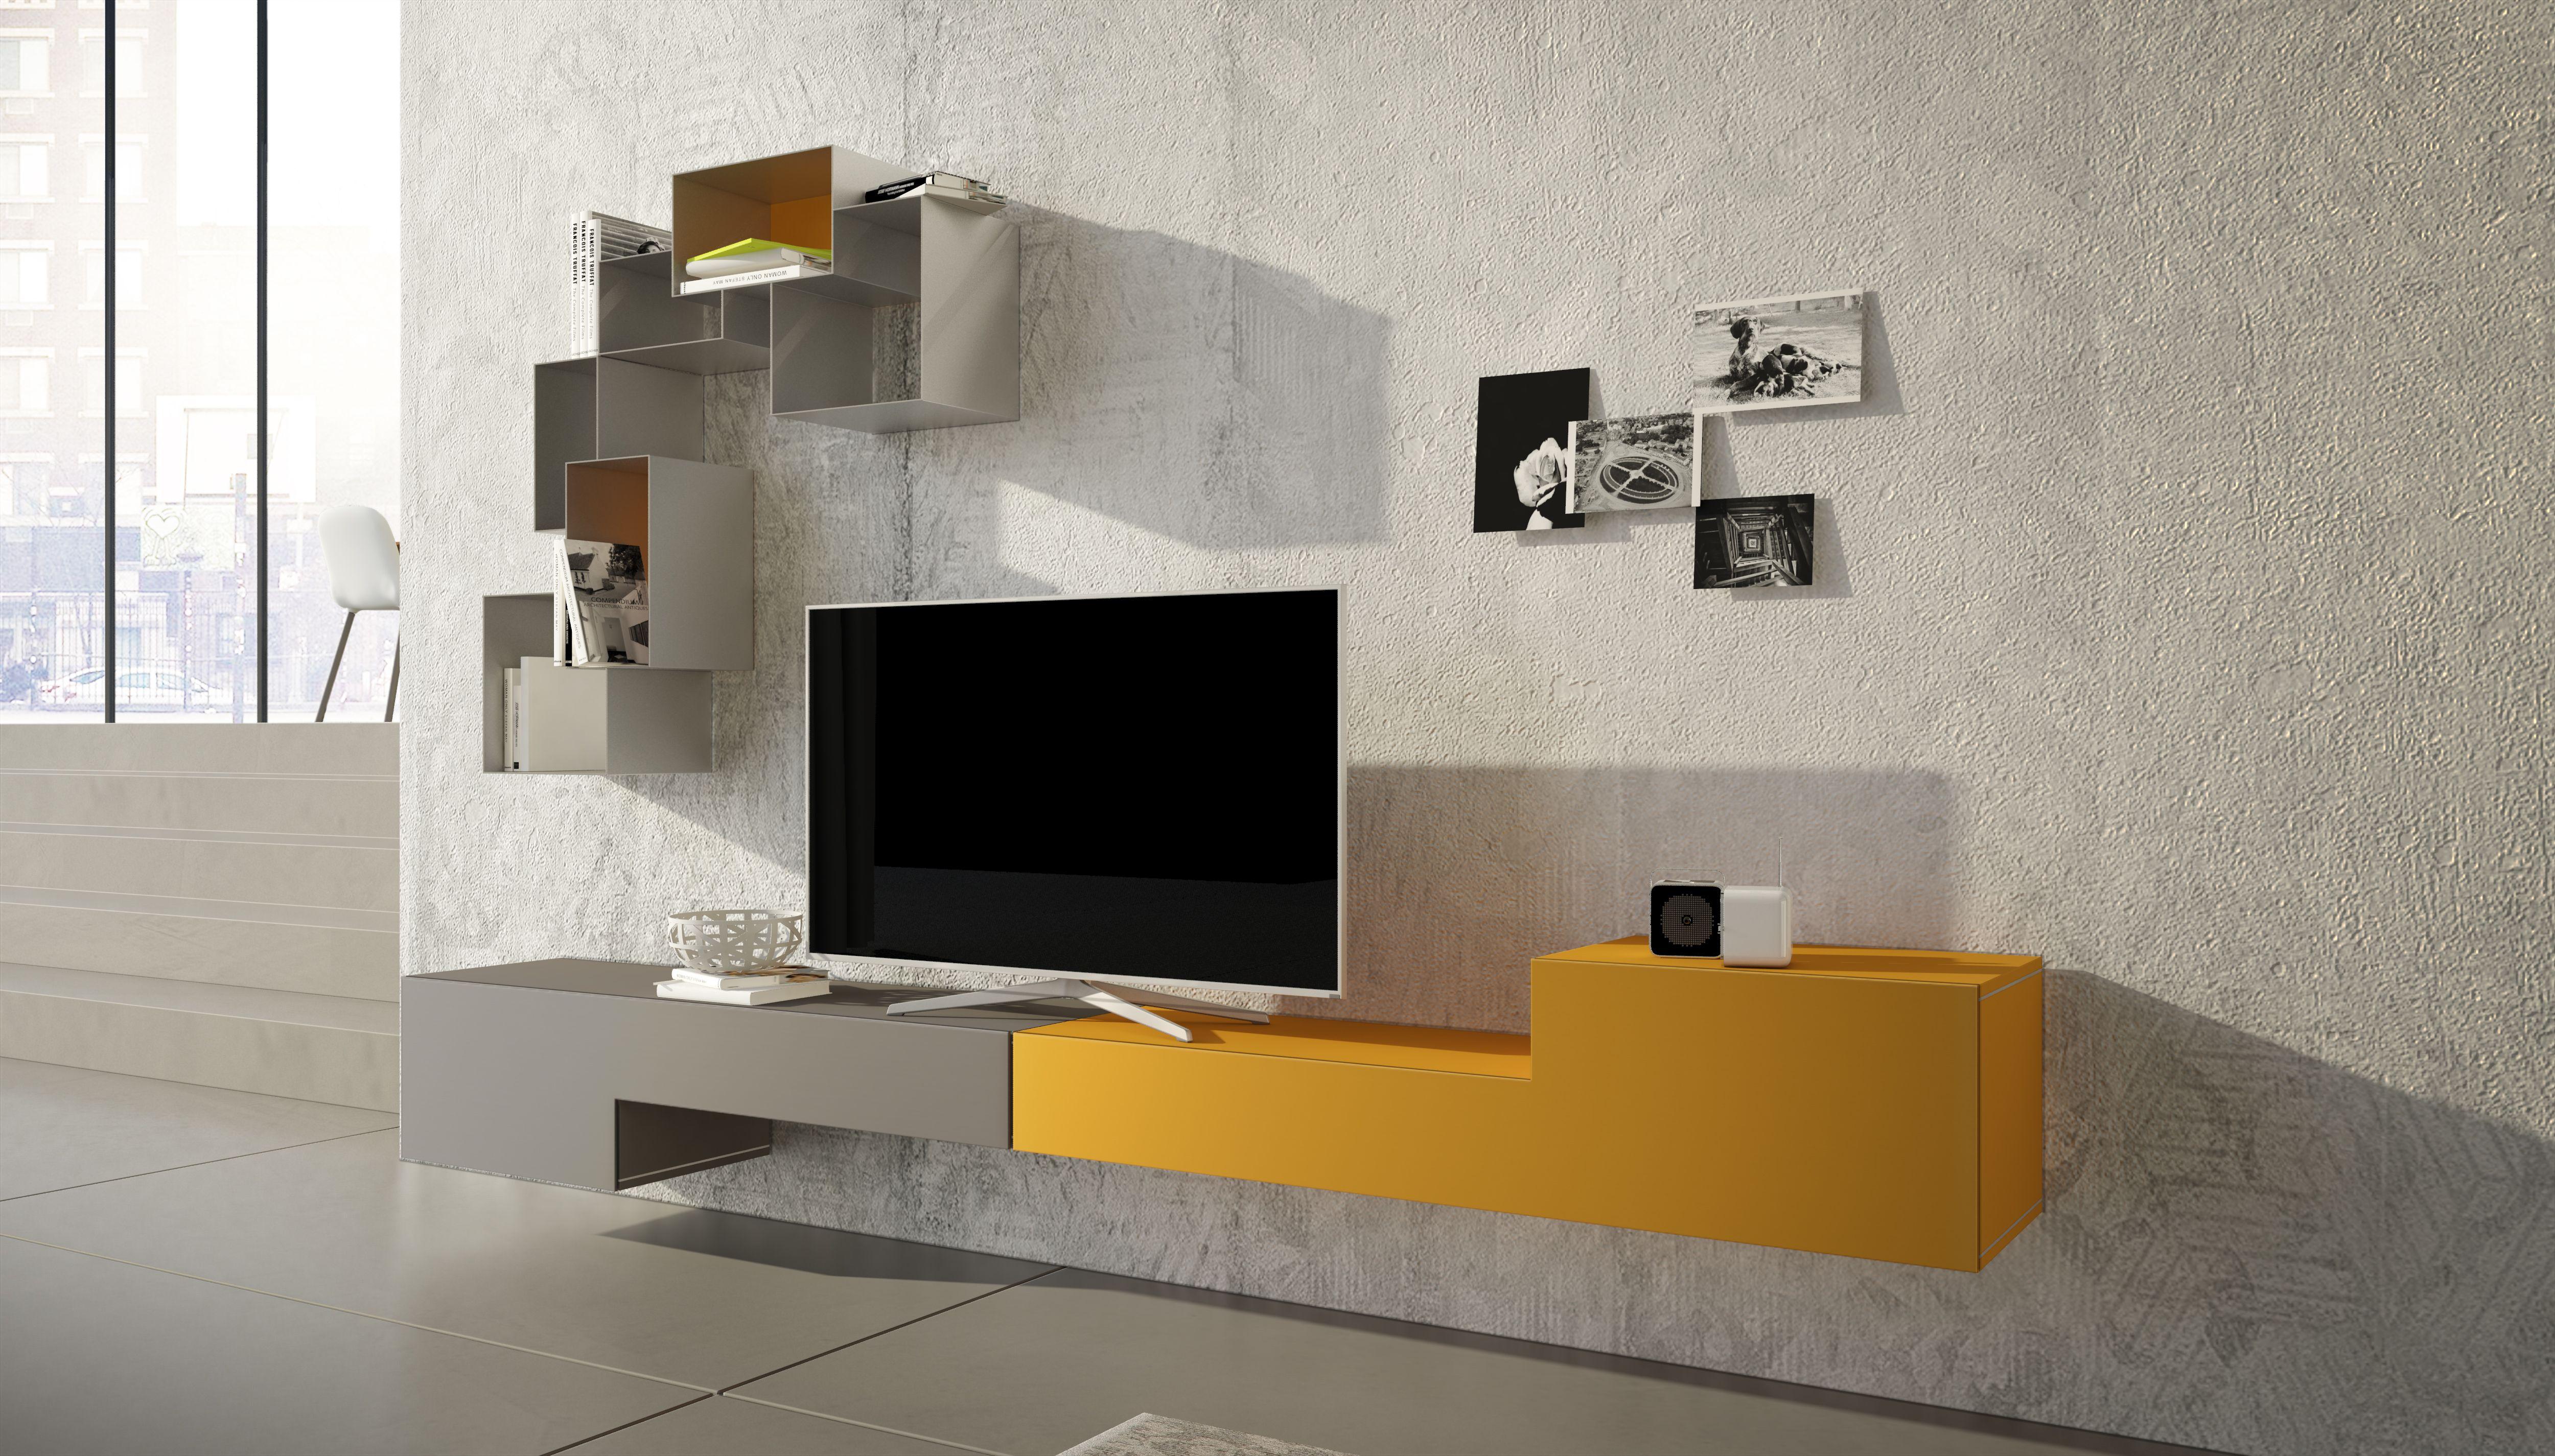 Parete Porta Tv Moderno.Mobile Porta Tv Moderno Parete Attrezzata Larghezza 300 Cm